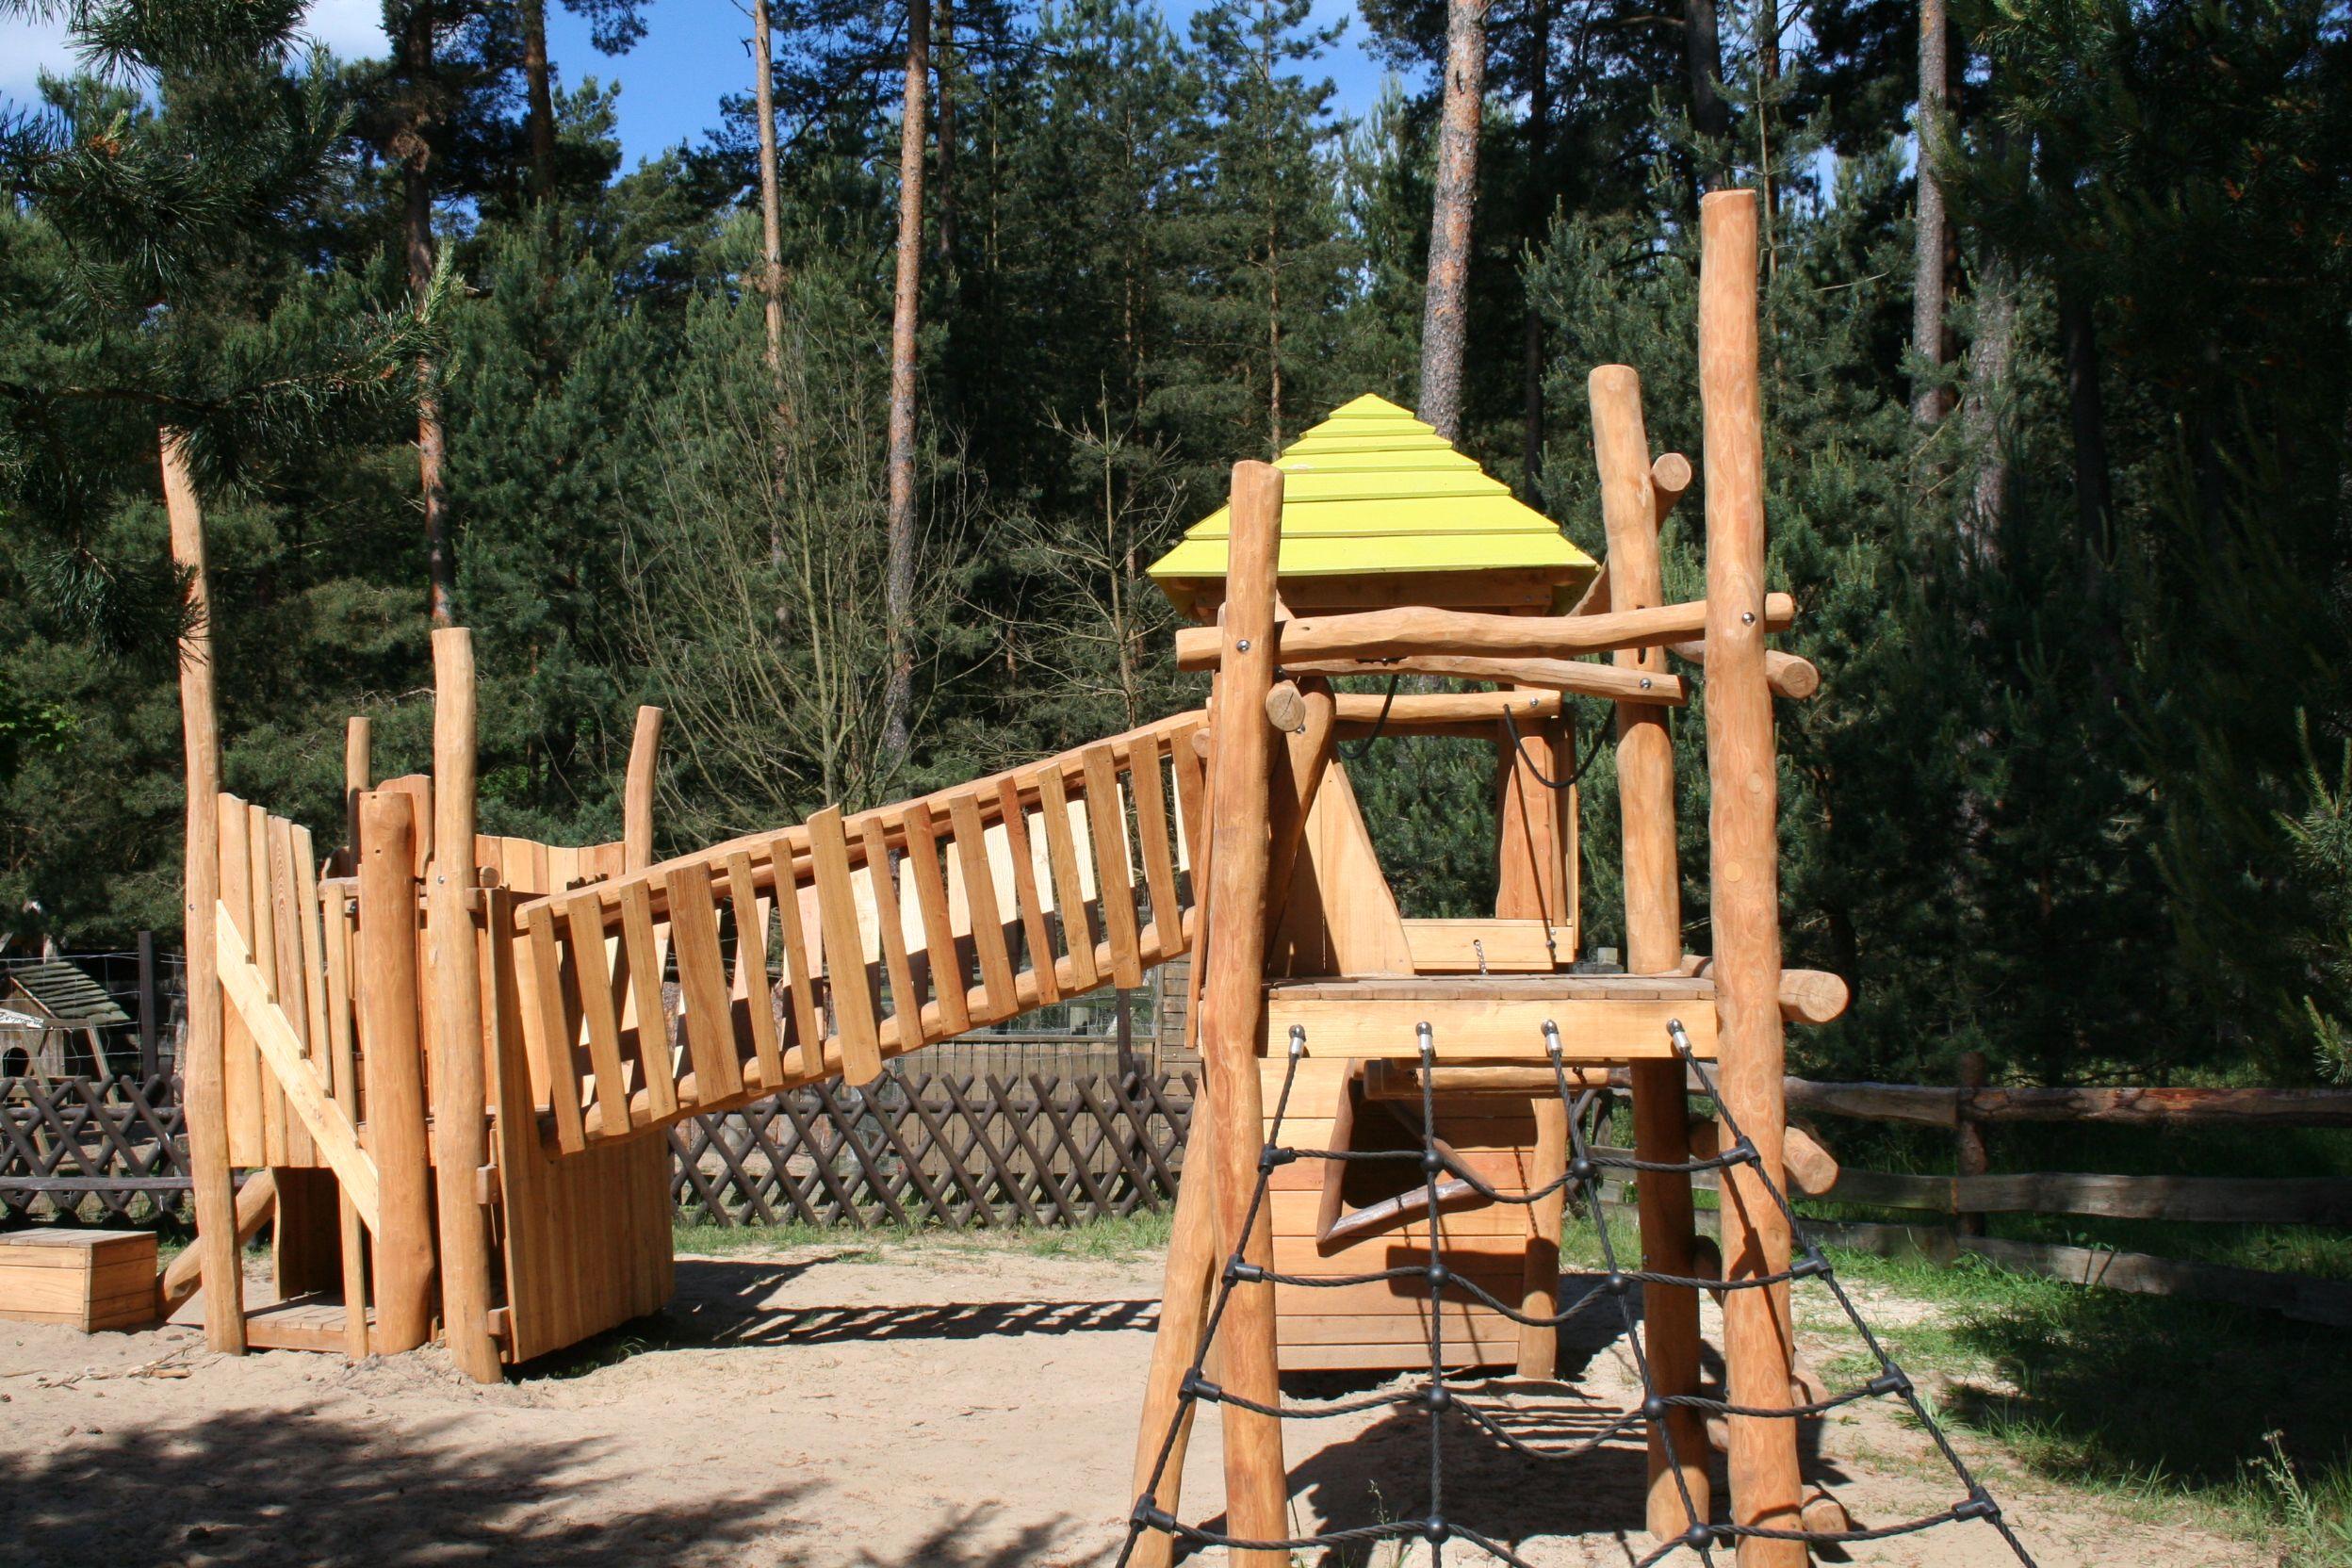 Die Spielburg - nur ein Teil des Spielplatz und der vielen Spielmöglichkeiten. Alle Infos zum Familotel Borchard's Rookhus gibt es hier: http://kinderhotel.info/kinderhotel/familotel-borchard-s-rookhus